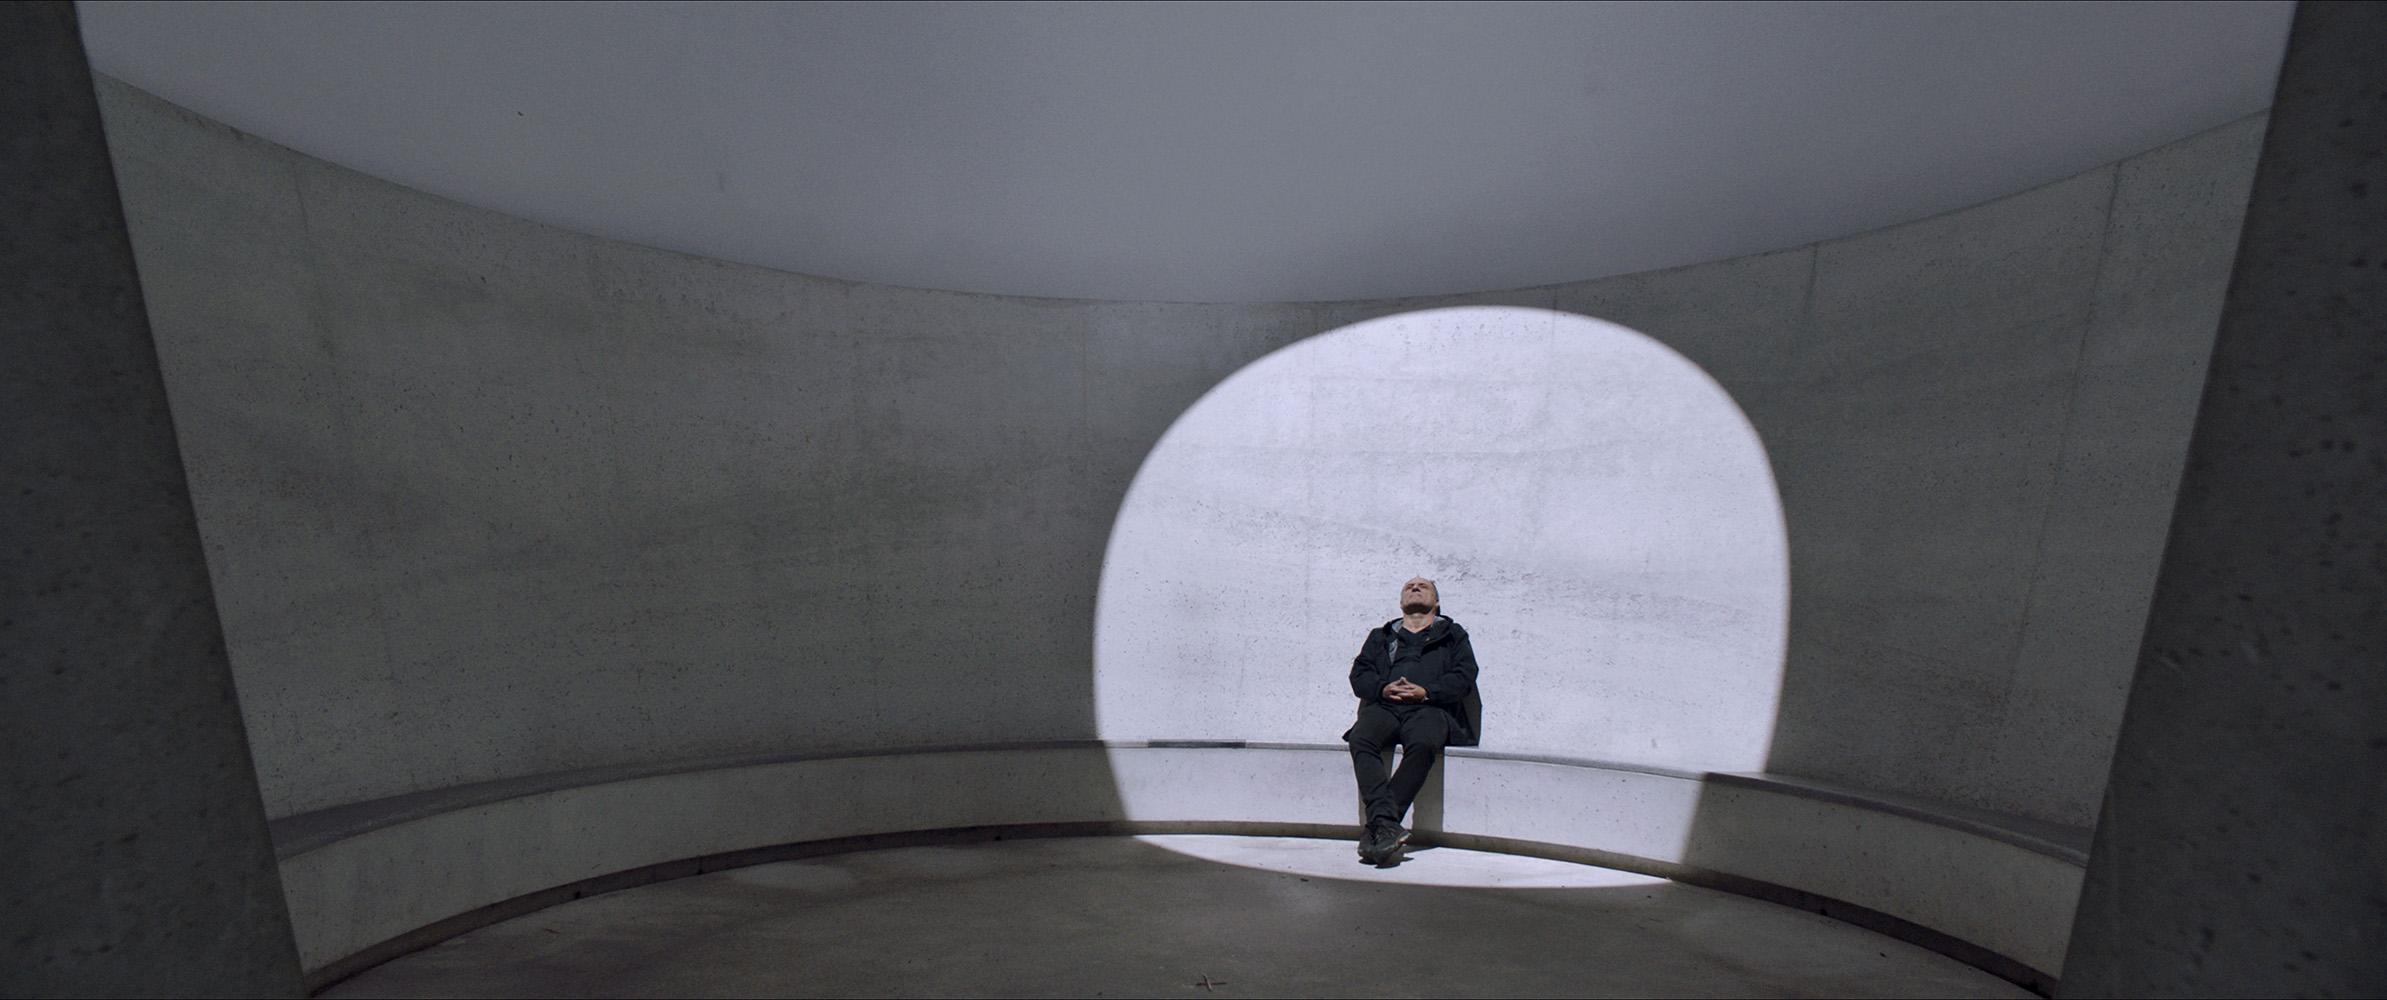 Architektur Der Unendlichkeit 09